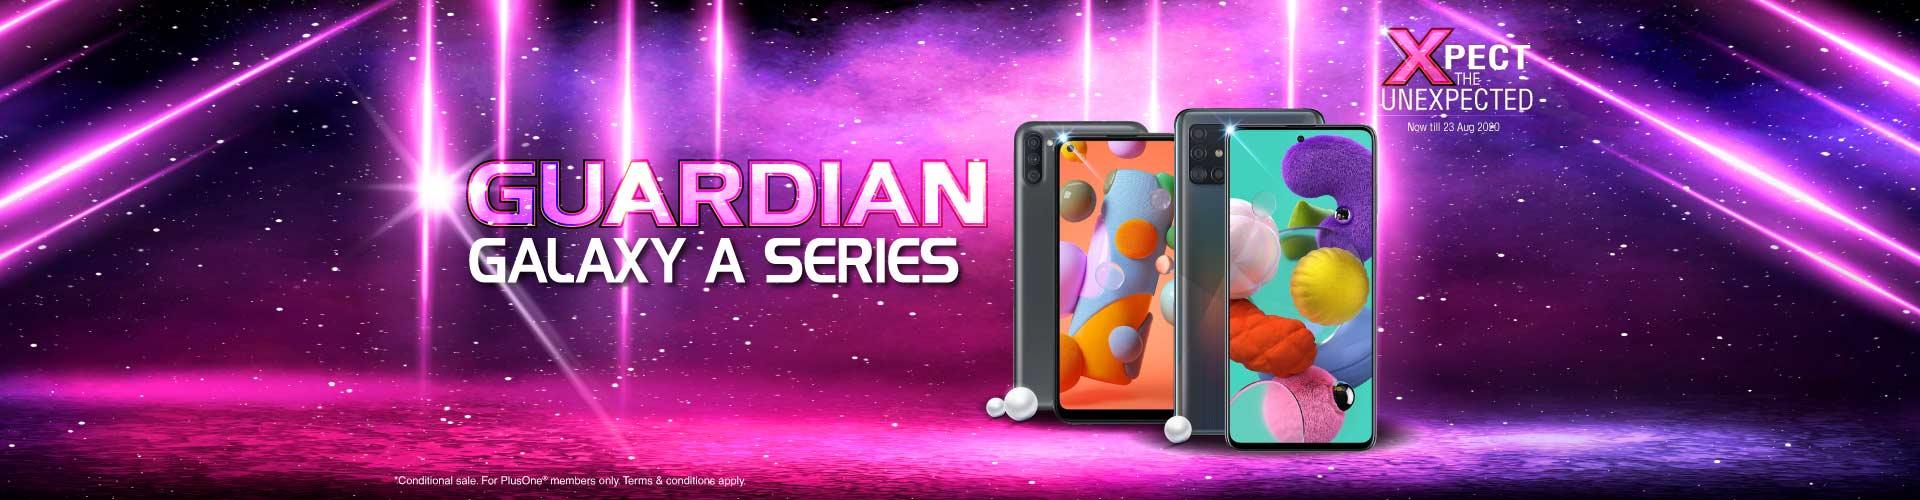 Guardian Galaxy A Series Desktop Banner